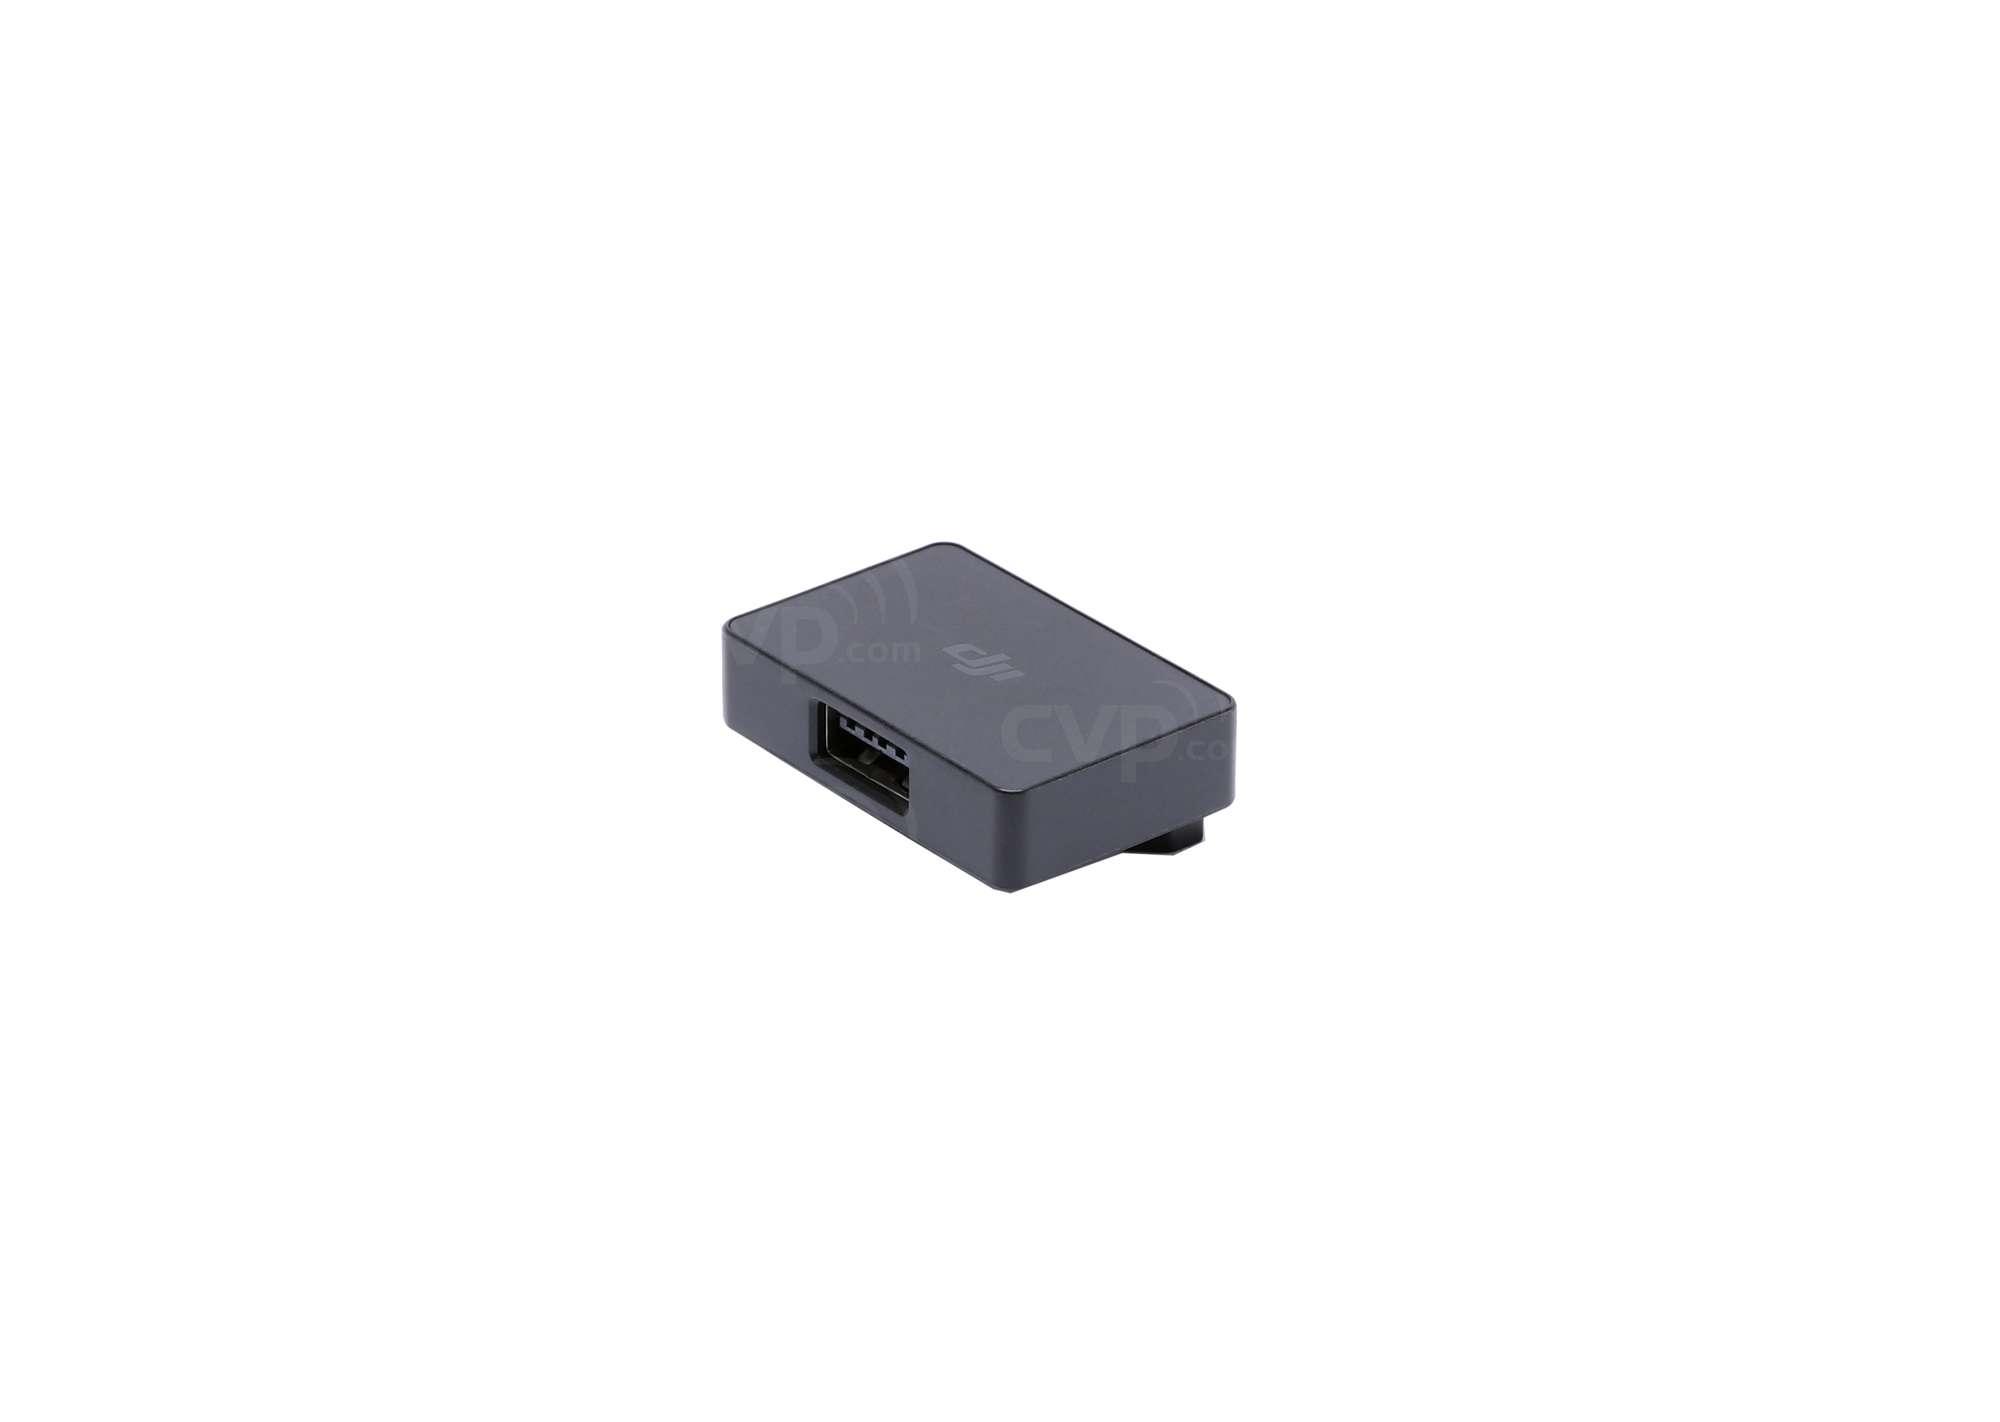 Адаптер для коптера мавик эйр сенсоры для беспилотника mavik